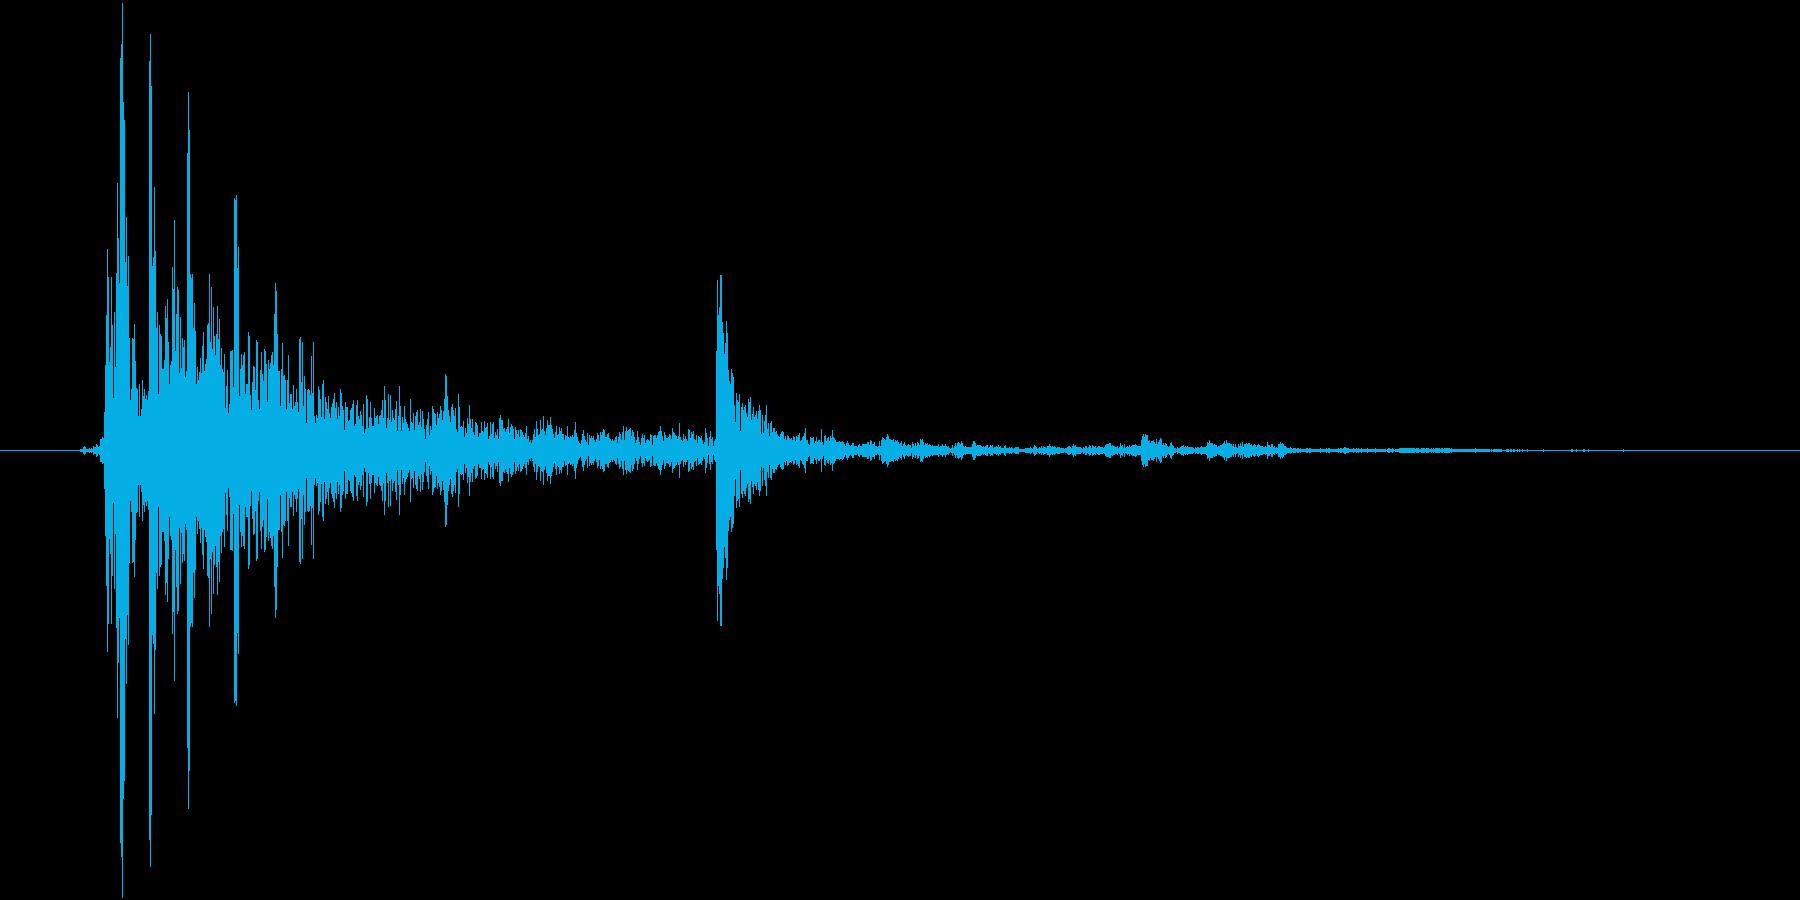 パキャーン(陶器や壺を割る音)の再生済みの波形